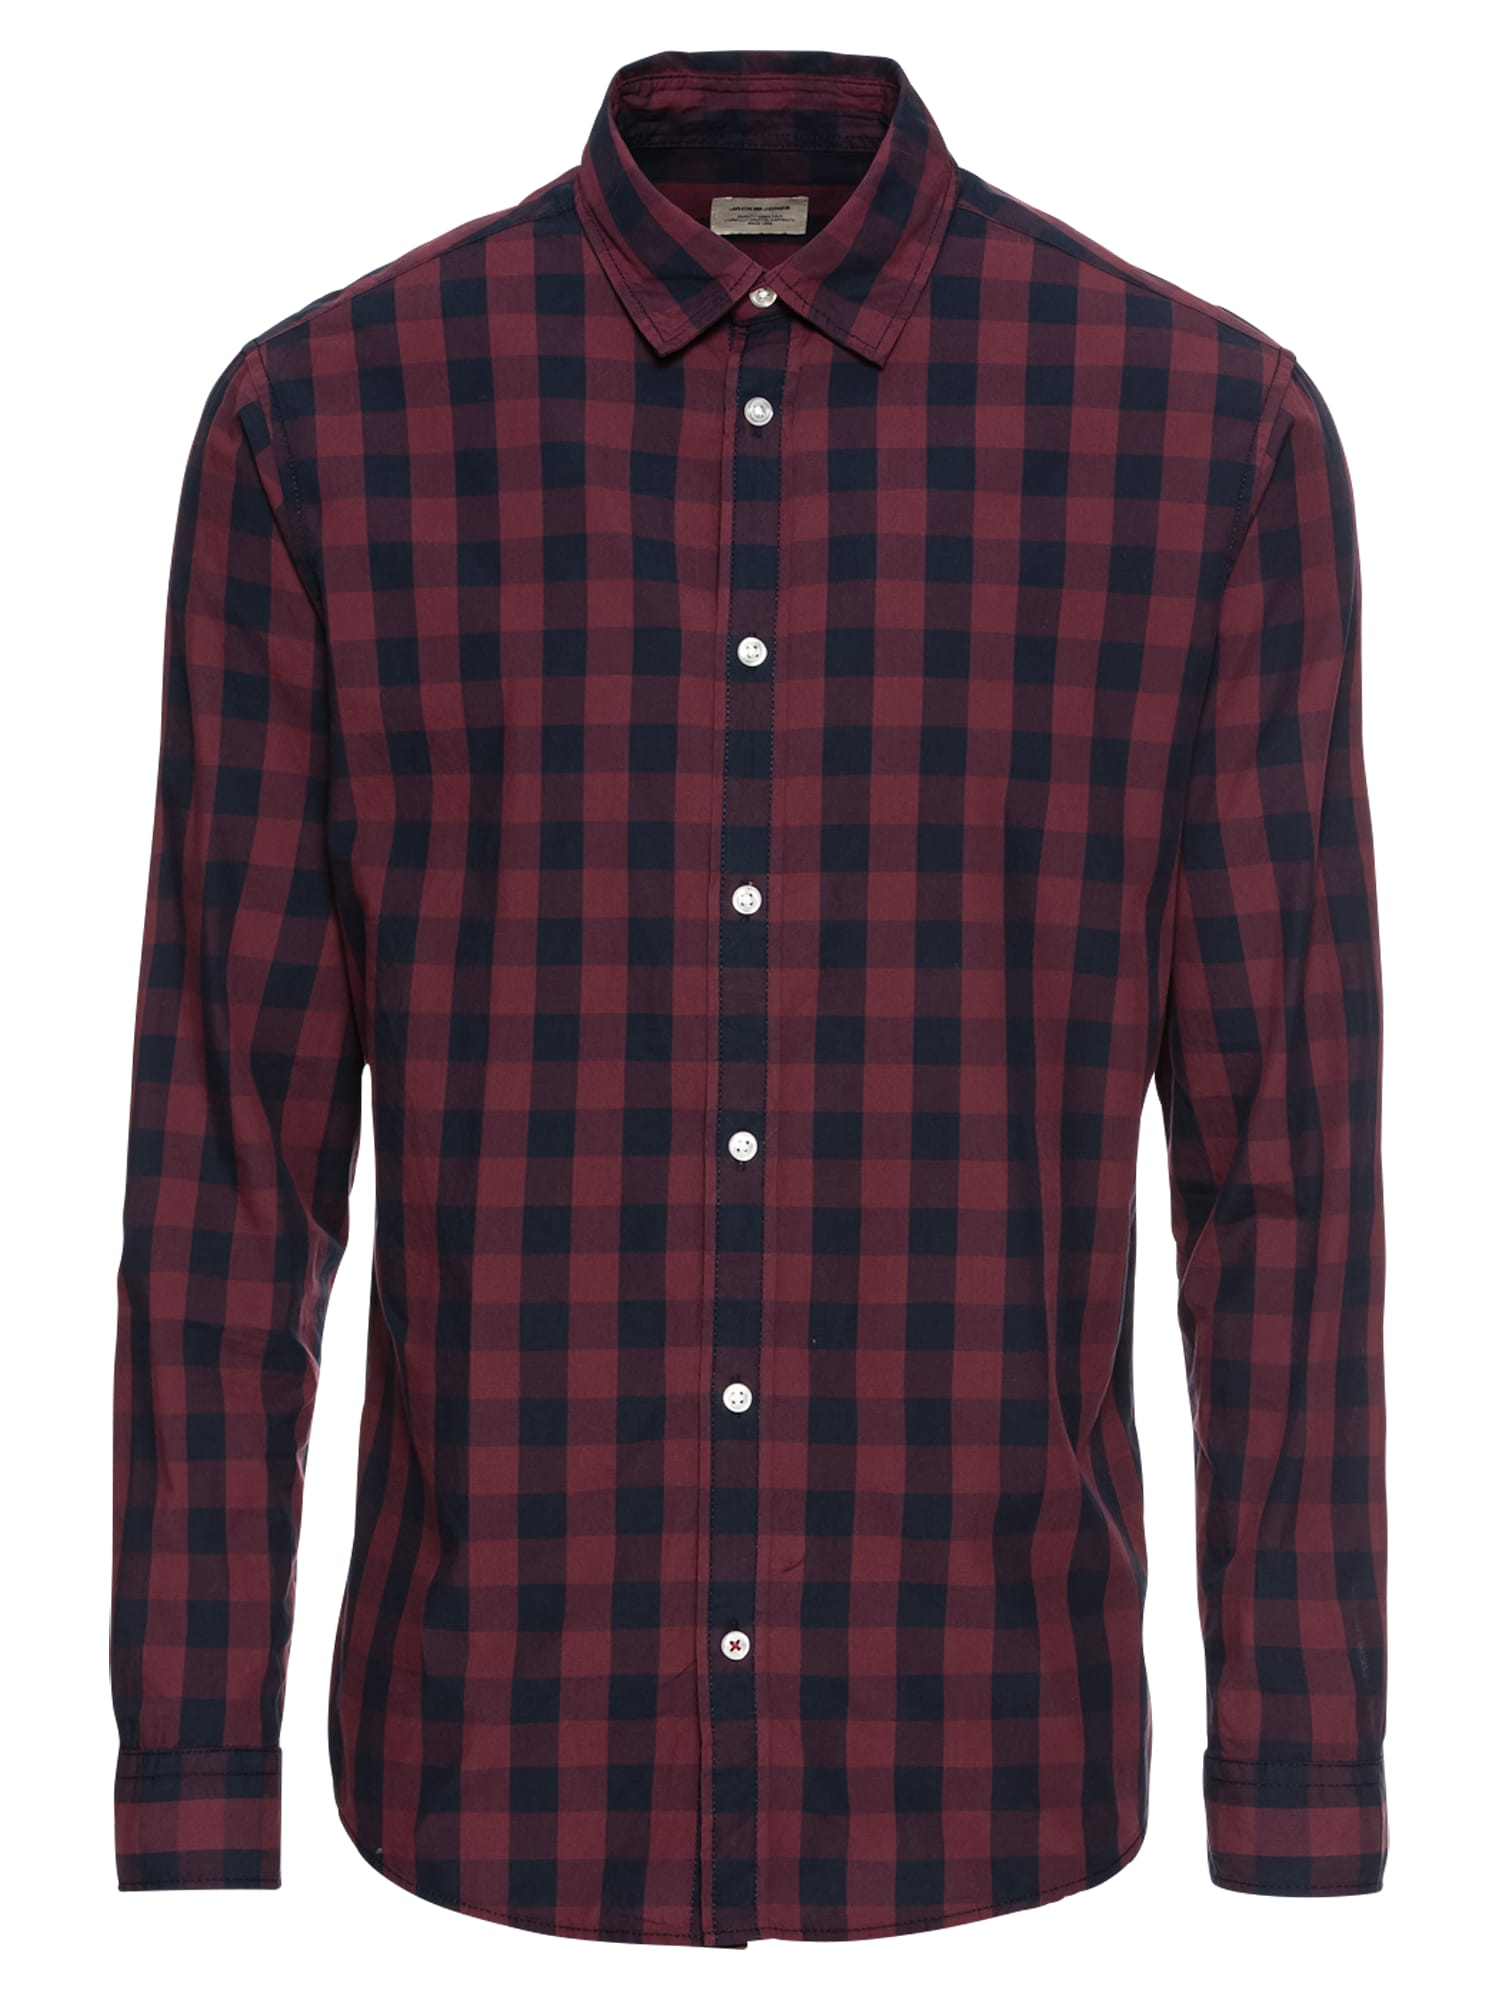 Košile JJEGINGHAM SHIRT LS tmavě modrá vínově červená JACK & JONES